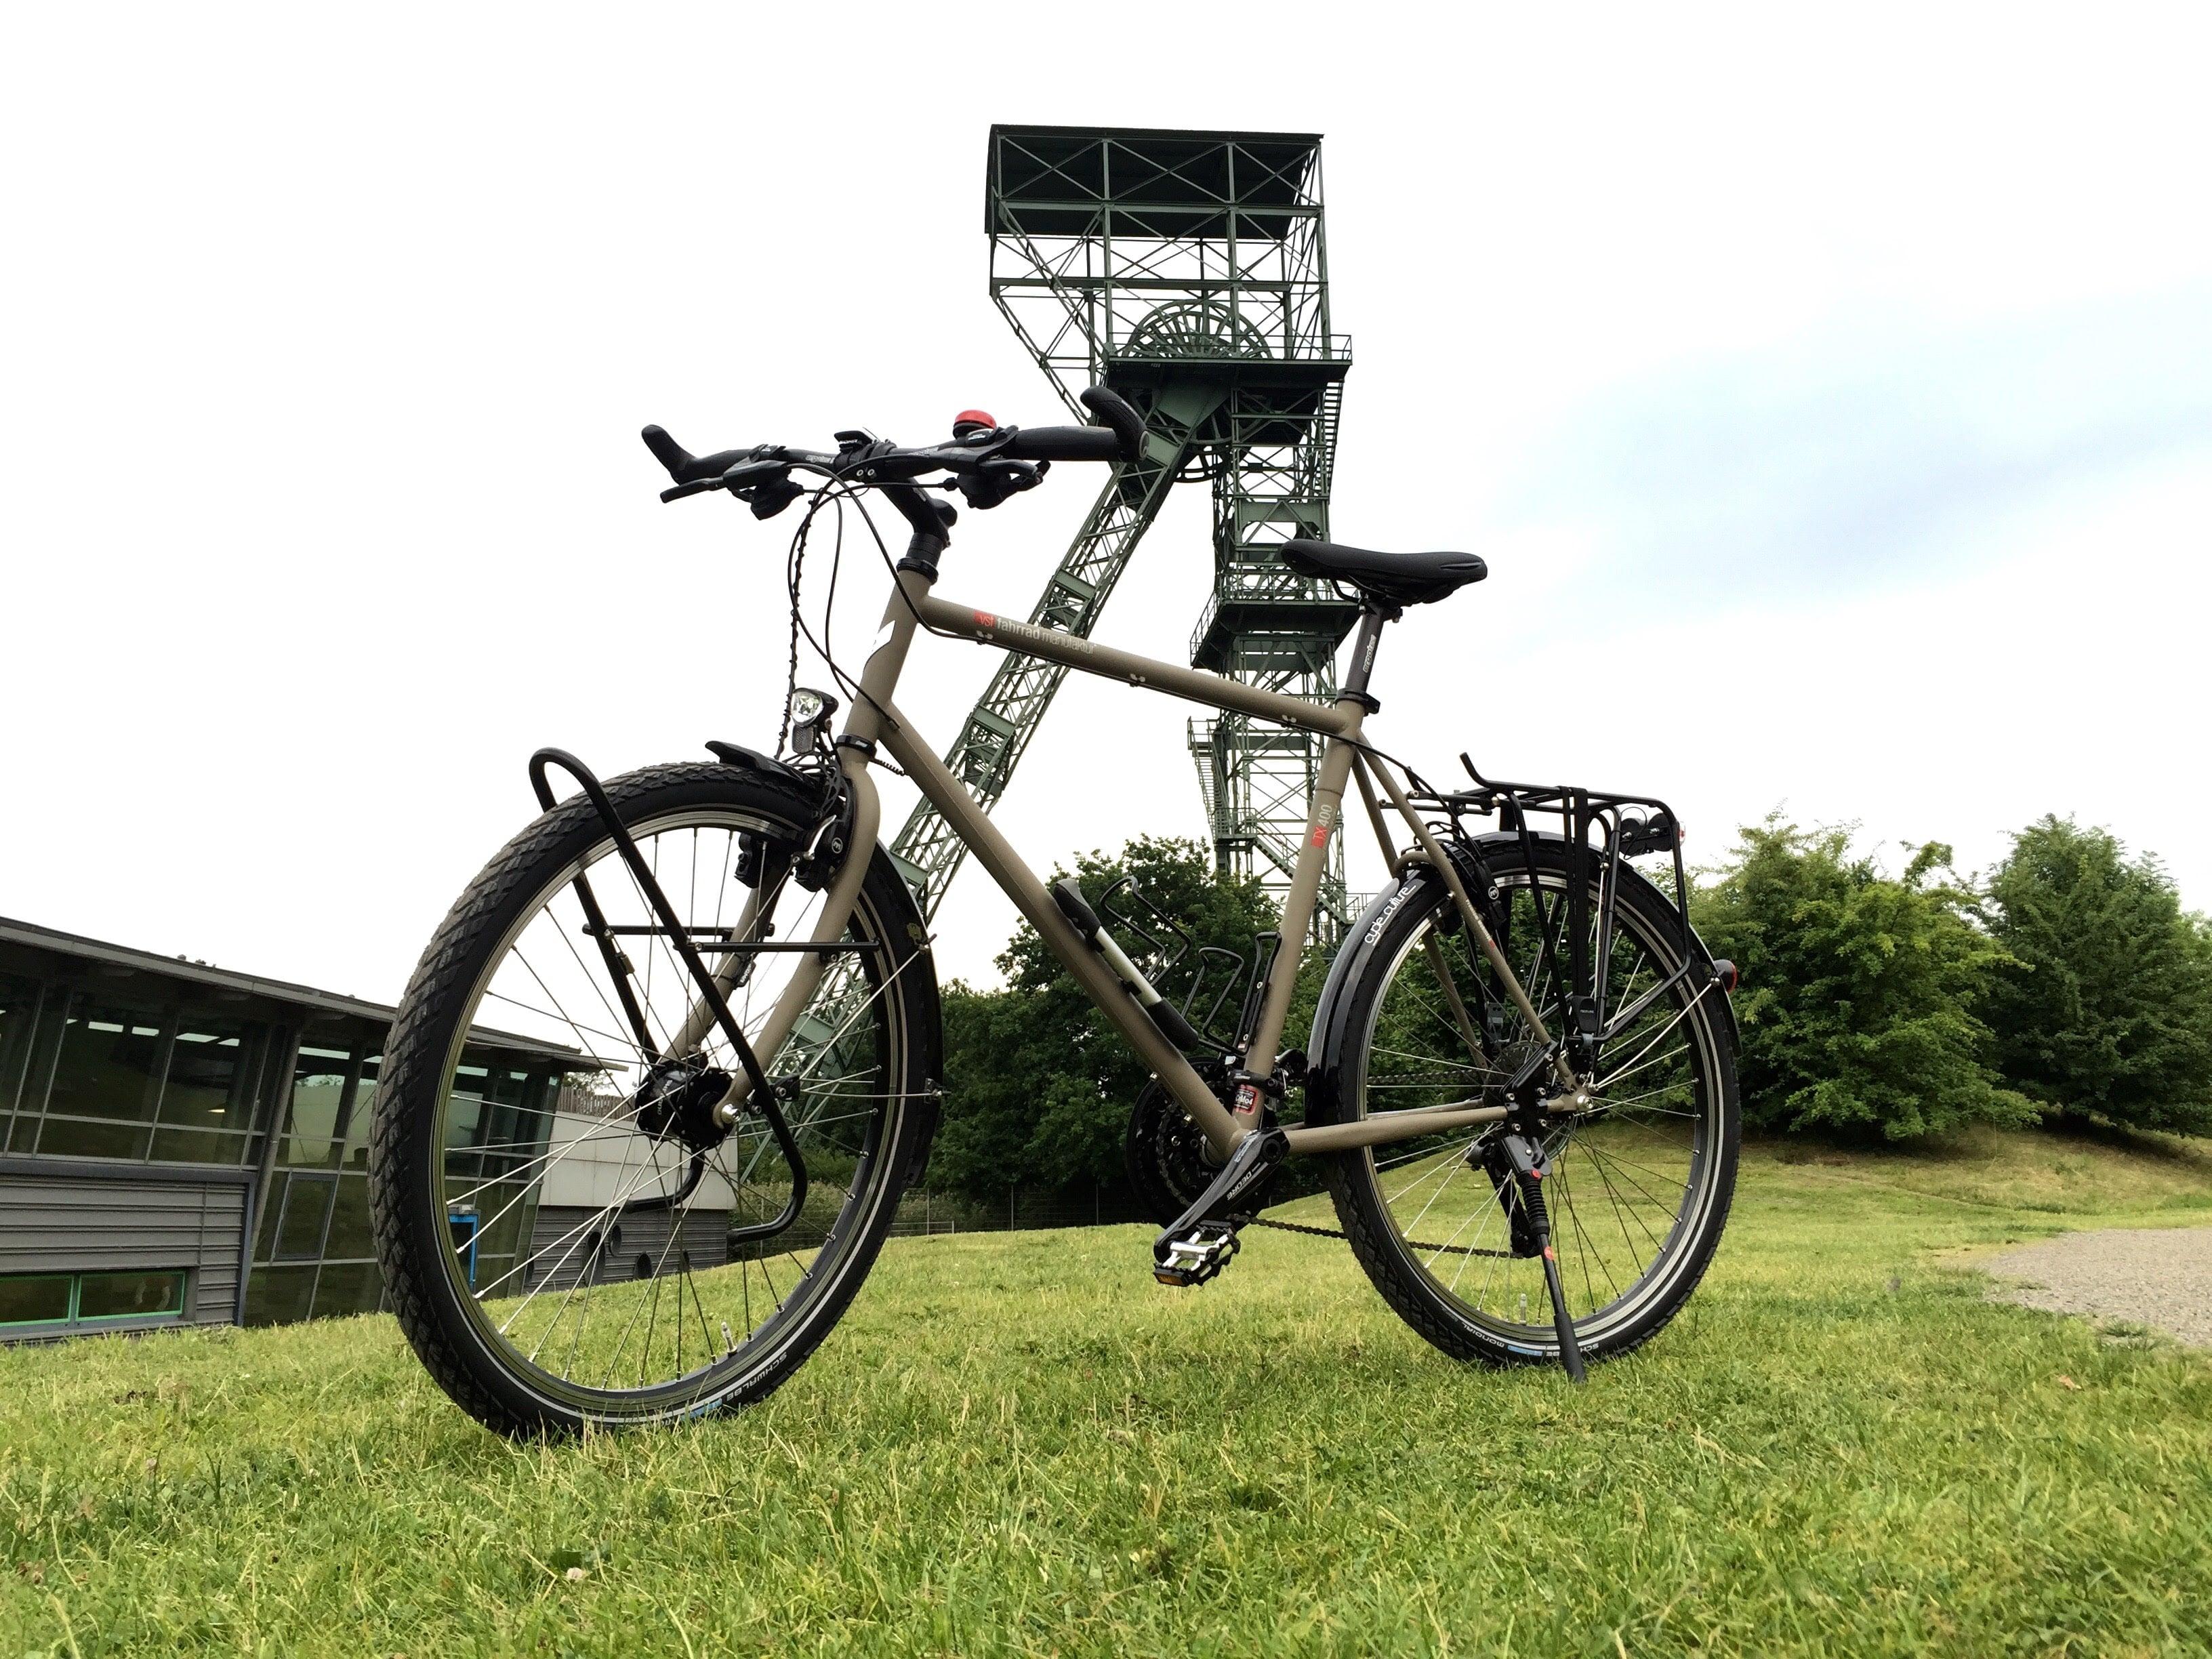 Fahrrad vor Duisburg Ruhrgebietskulisse mit Förderturm